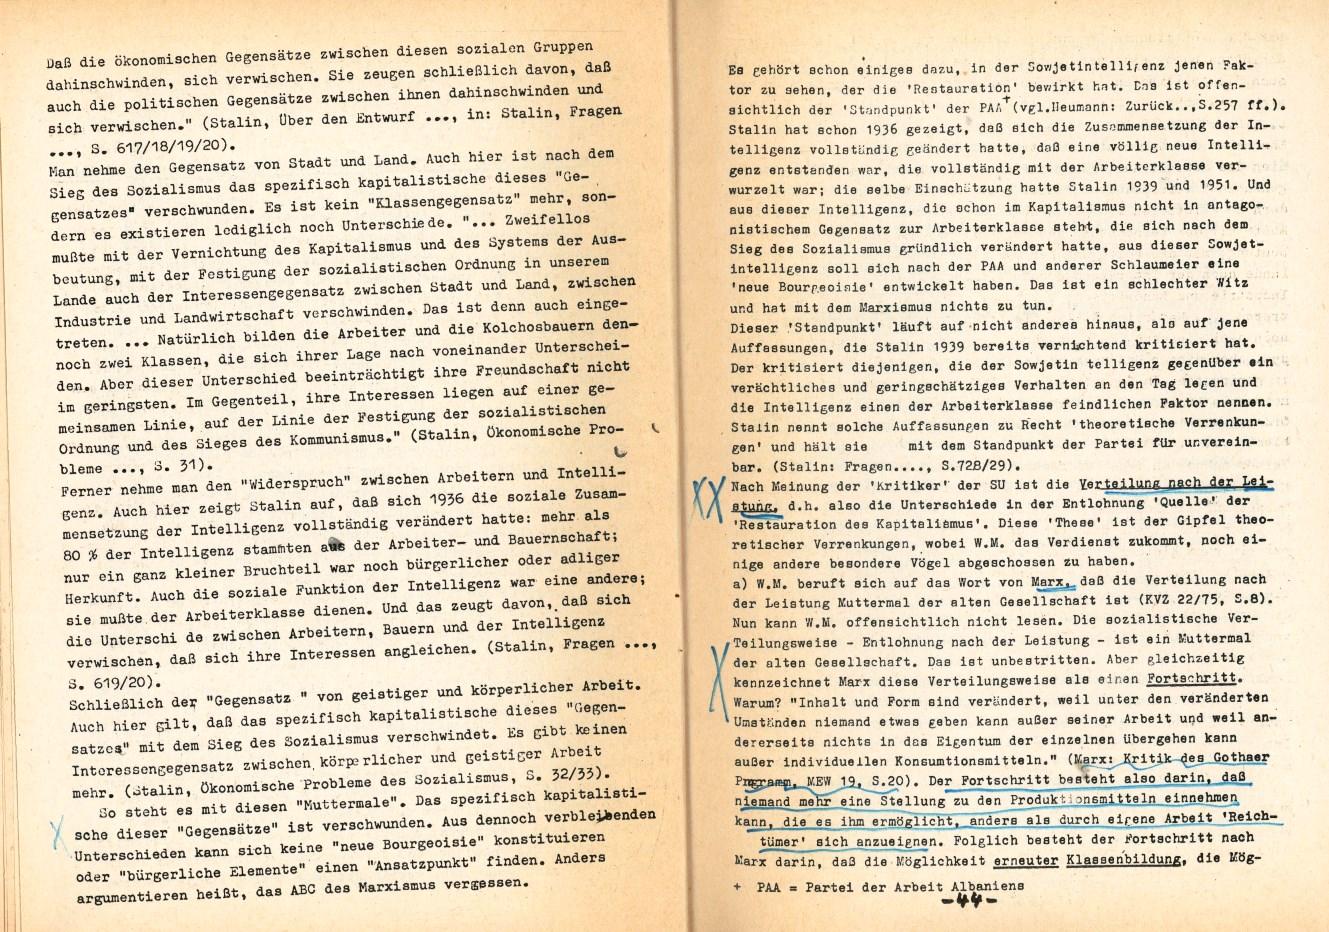 Giessen_MSB_1976_Der_KBW_eine_rechte_Organisation_24